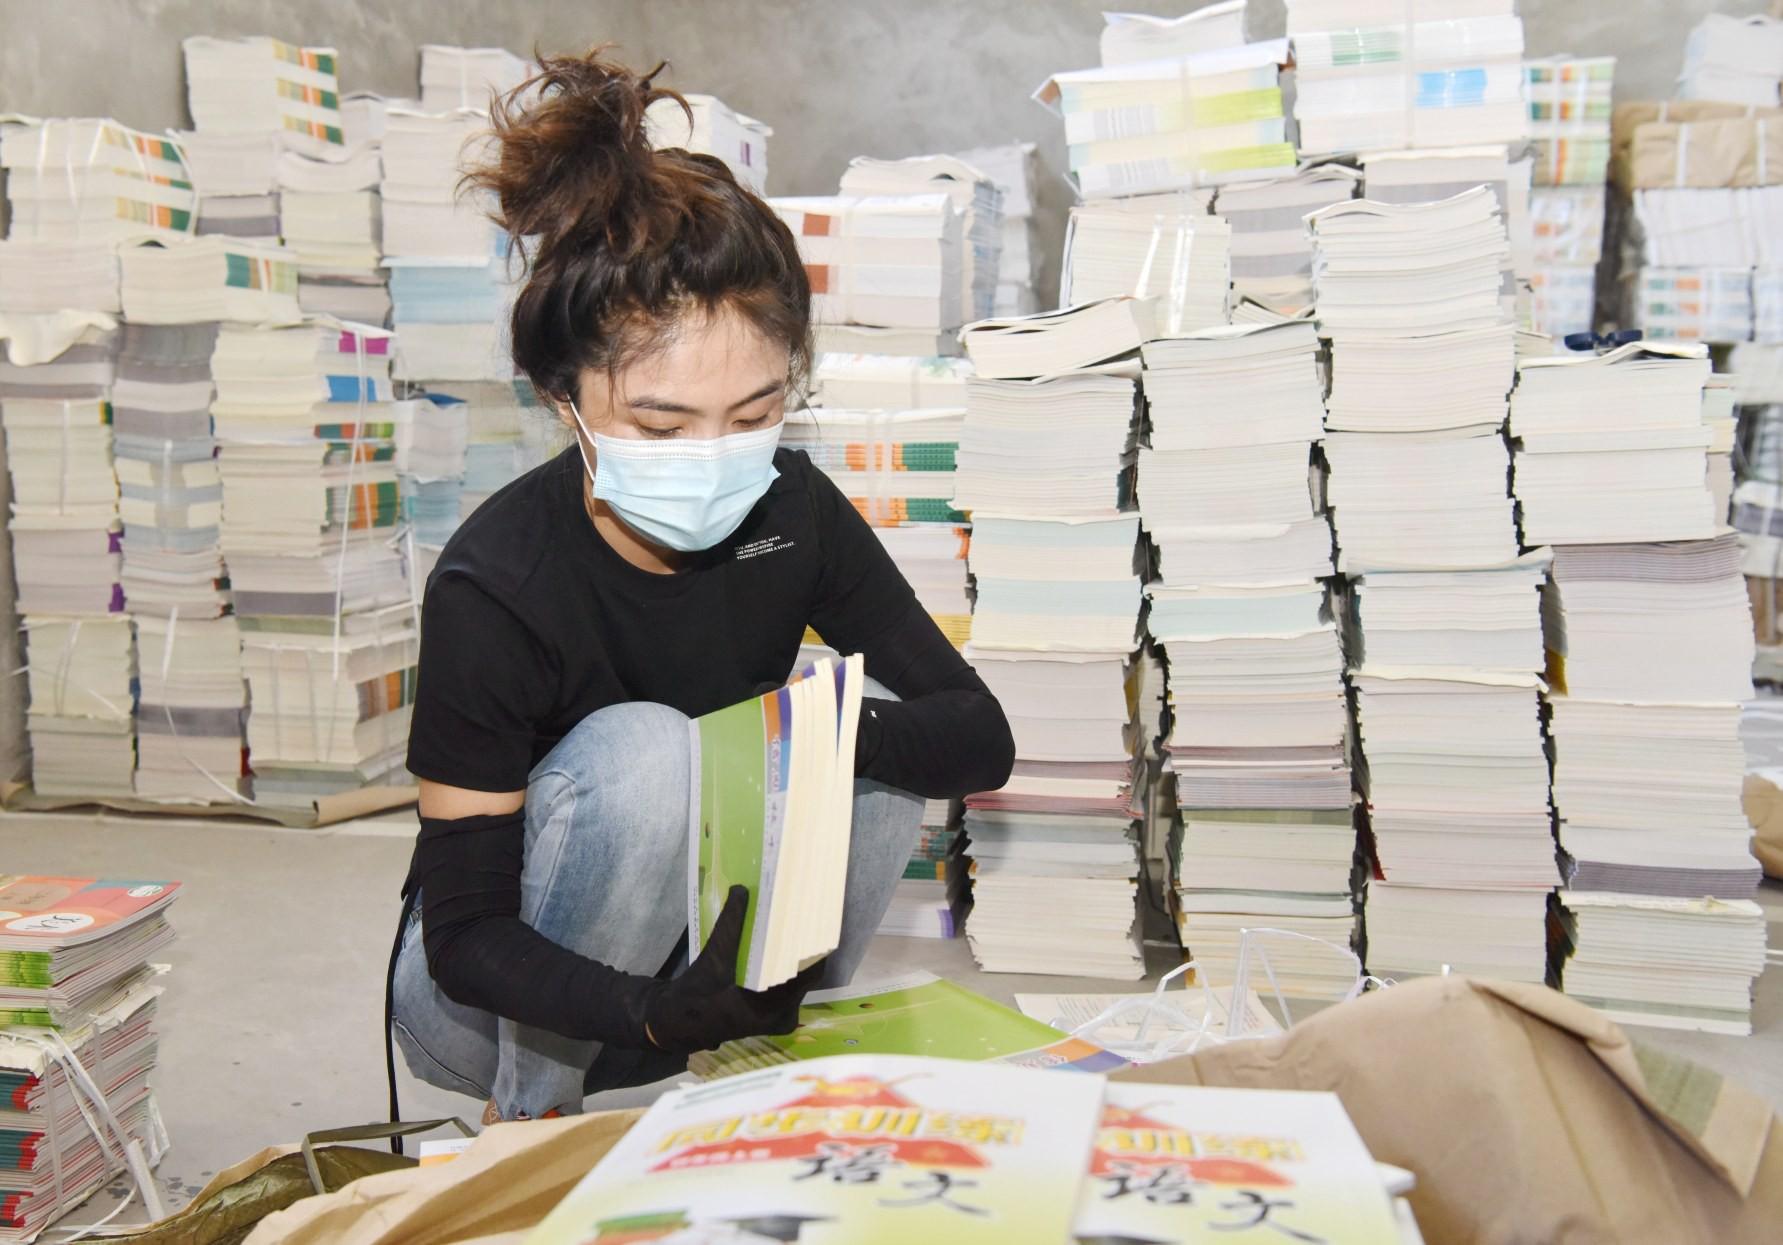 定州市新华书店工作人员全力投入到新教材的领取、分拣打包、整理贴签和运送分发等工作